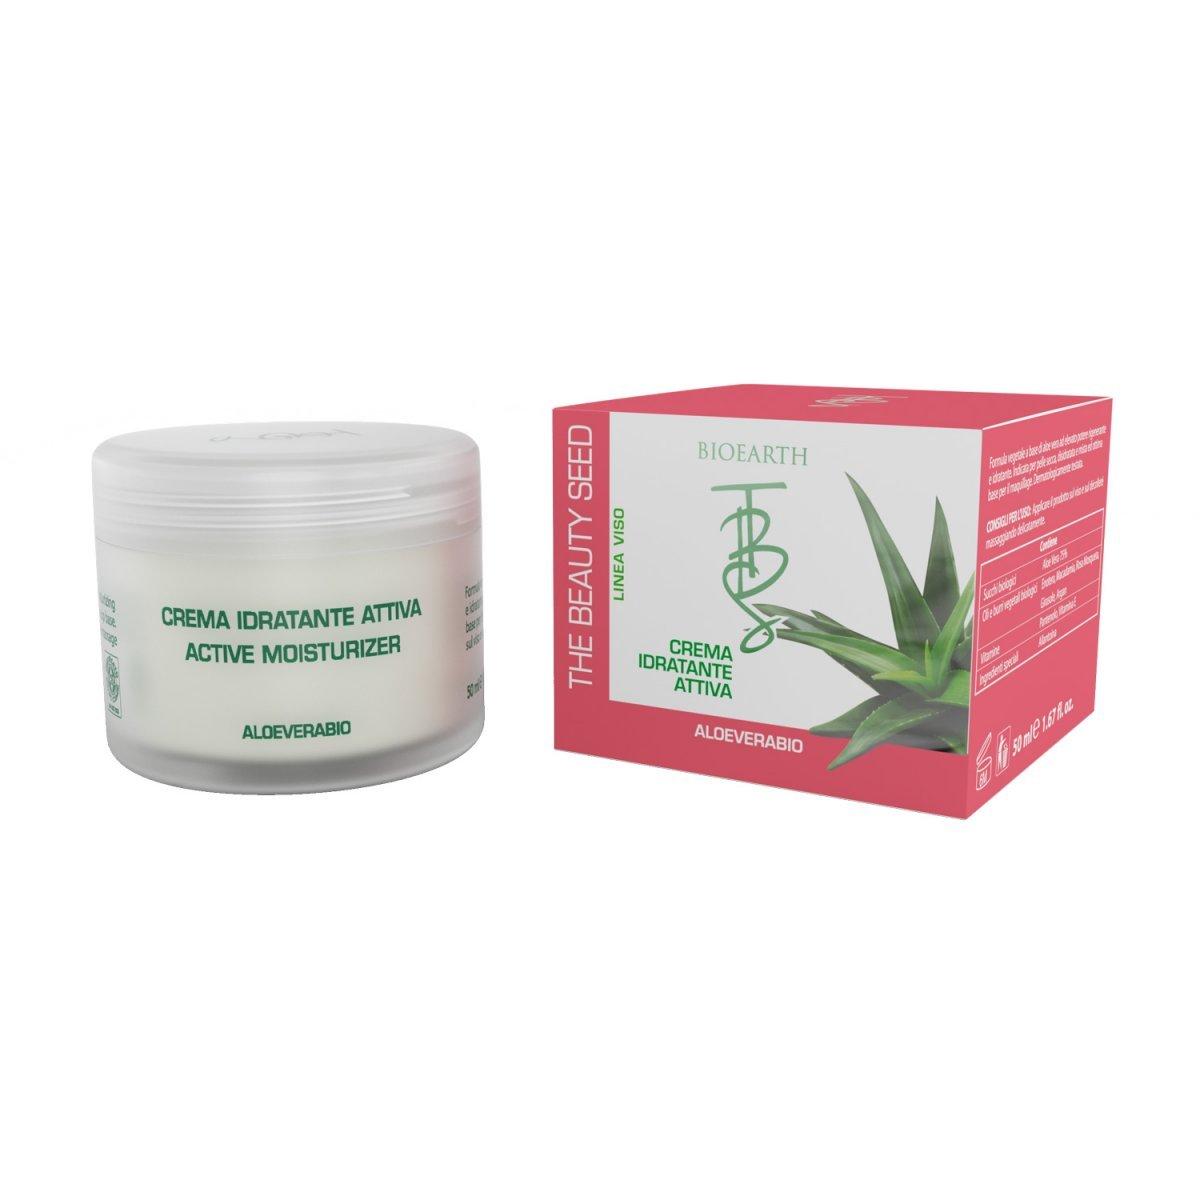 The Beauty Seed Crema idratante attiva all'Aloe